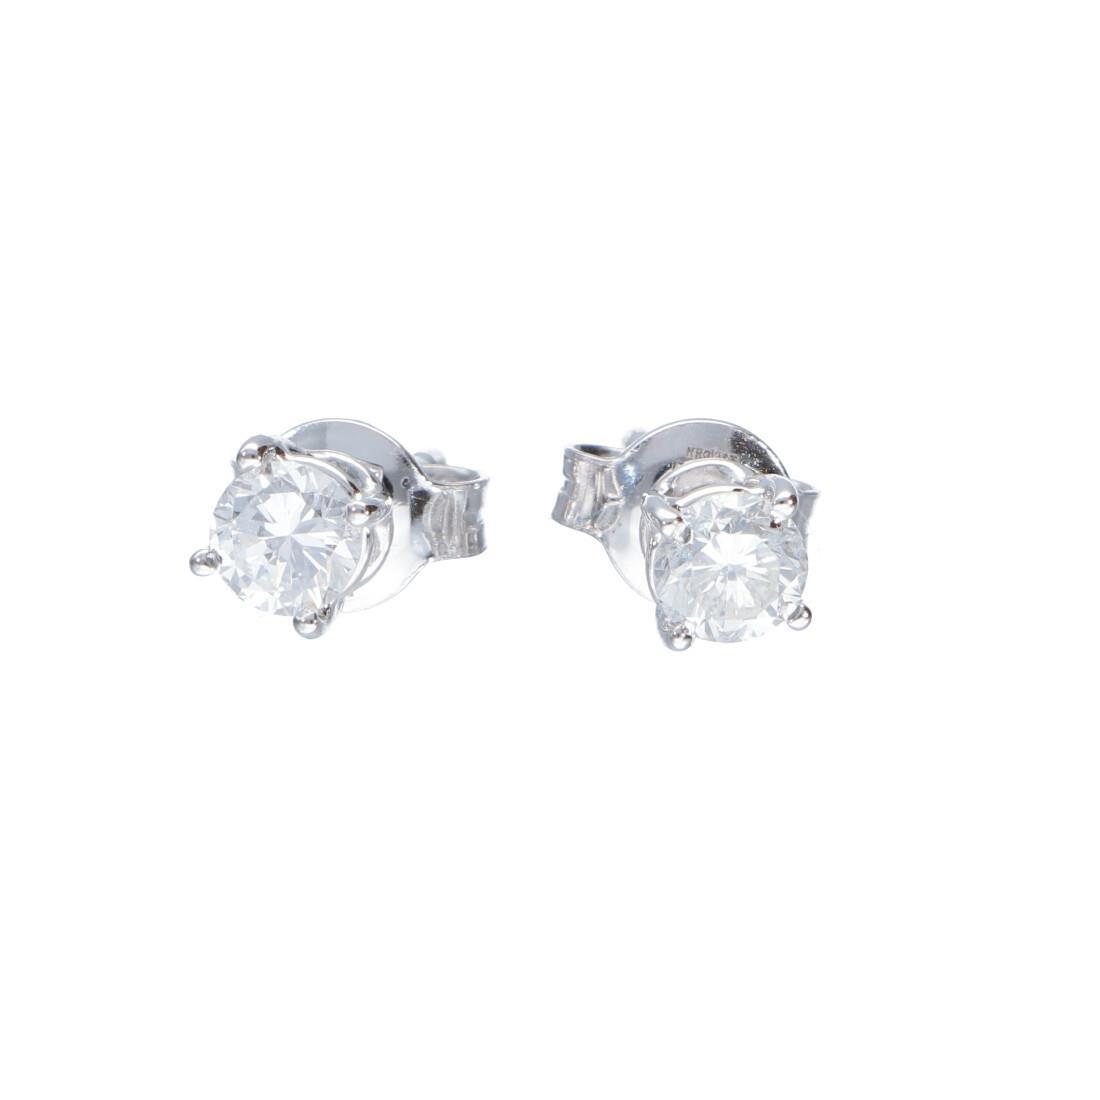 Orecchini punto luce in oro bianco con diamanti 0.62 ct - ALFIERI & ST. JOHN